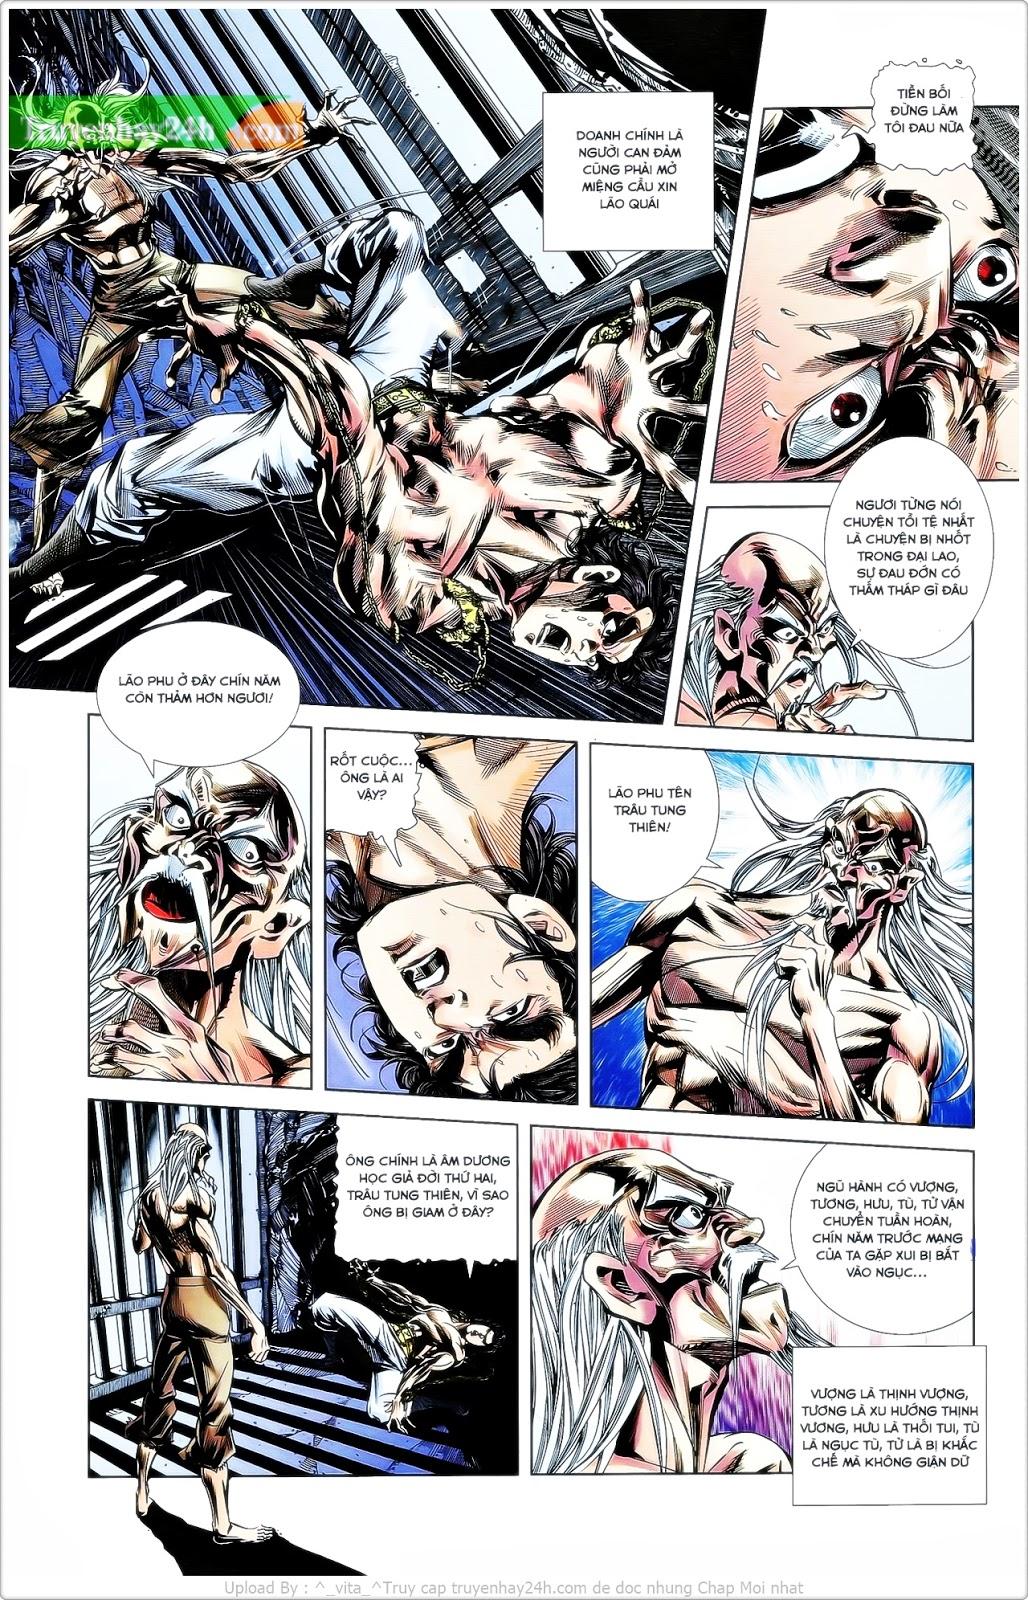 Tần Vương Doanh Chính chapter 25 trang 4